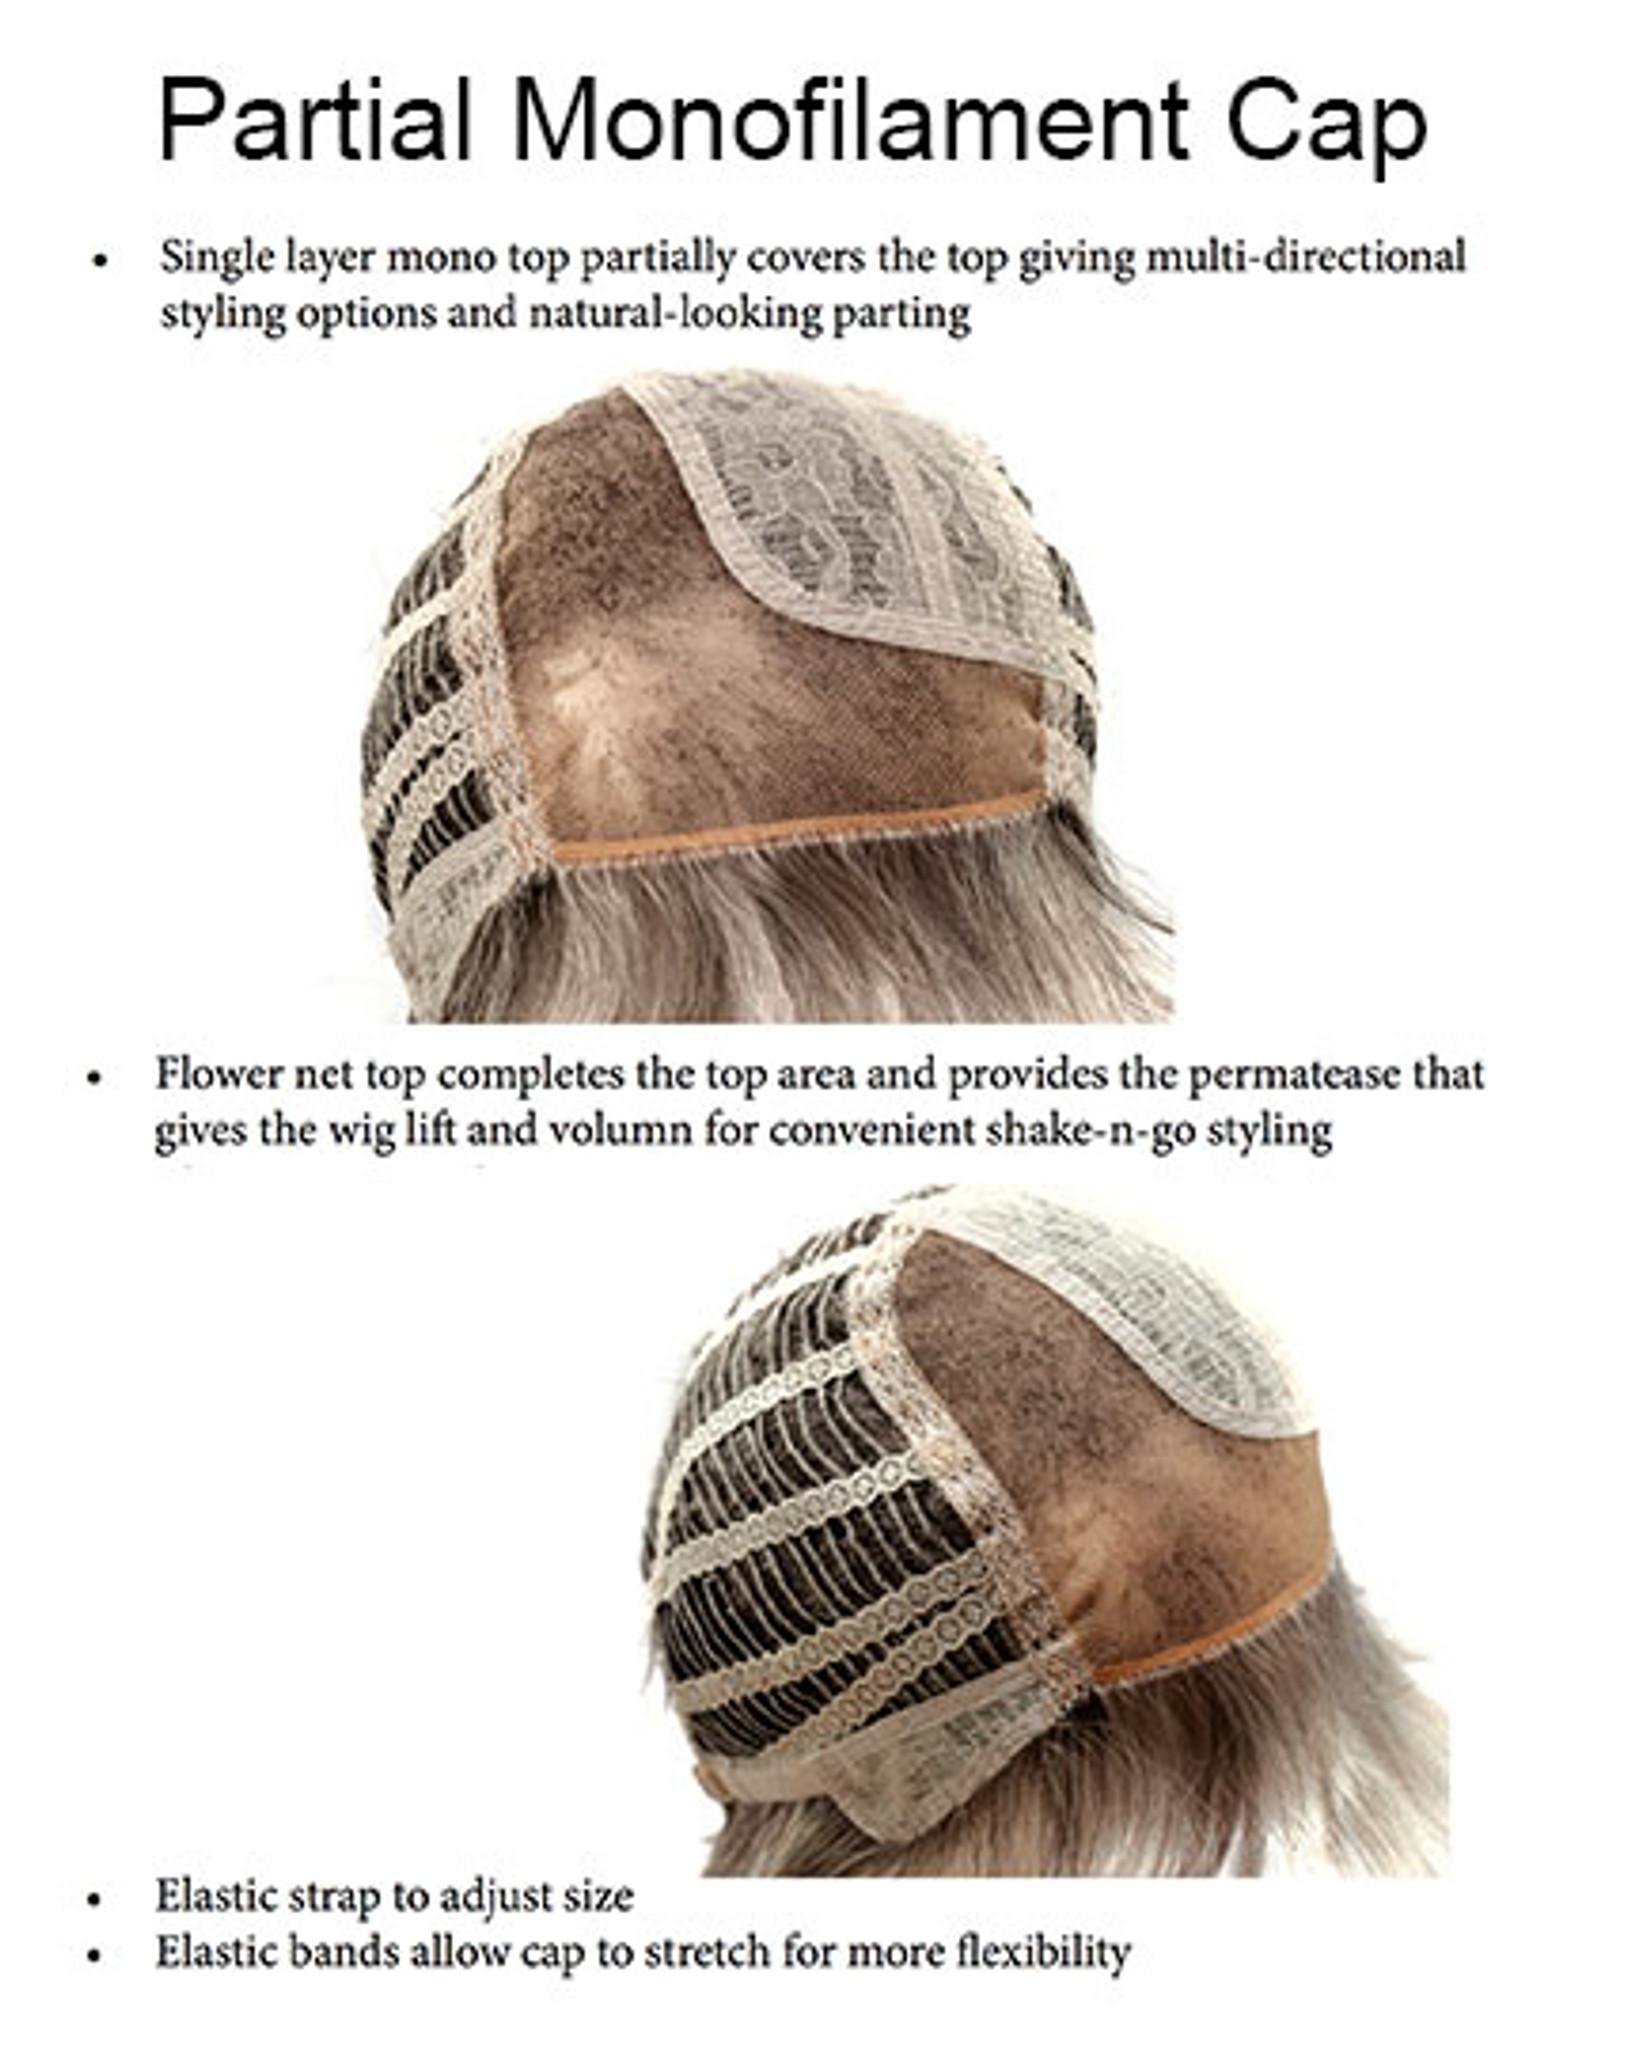 partial mono cap